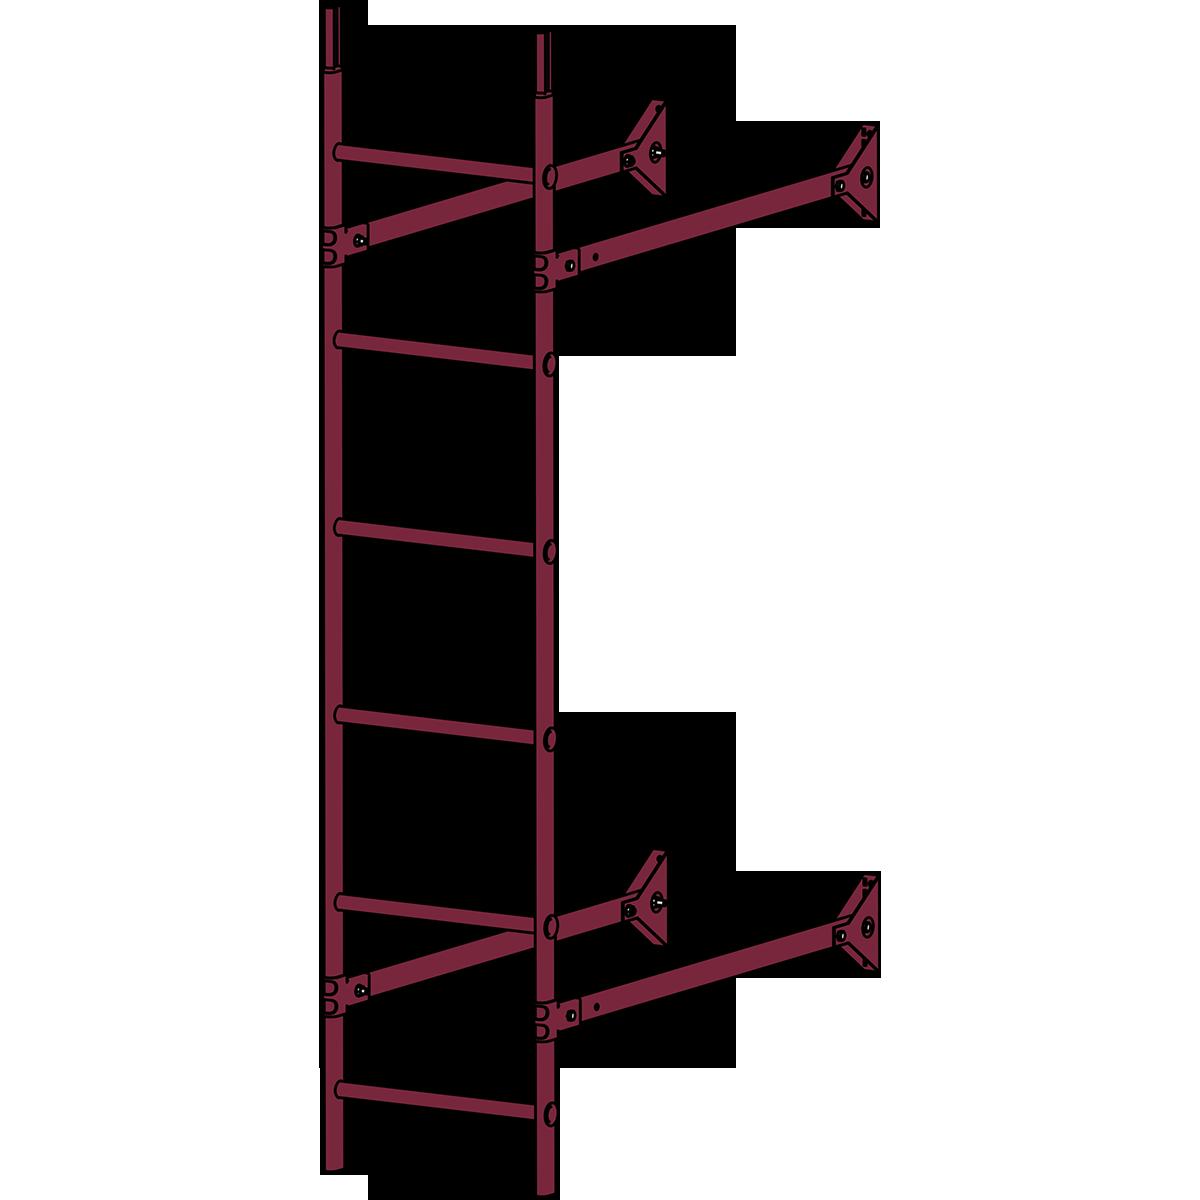 Лестница стеновая ROOFSYSTEMS ELITE 400 1,8 м RAL 3005 Красное вино